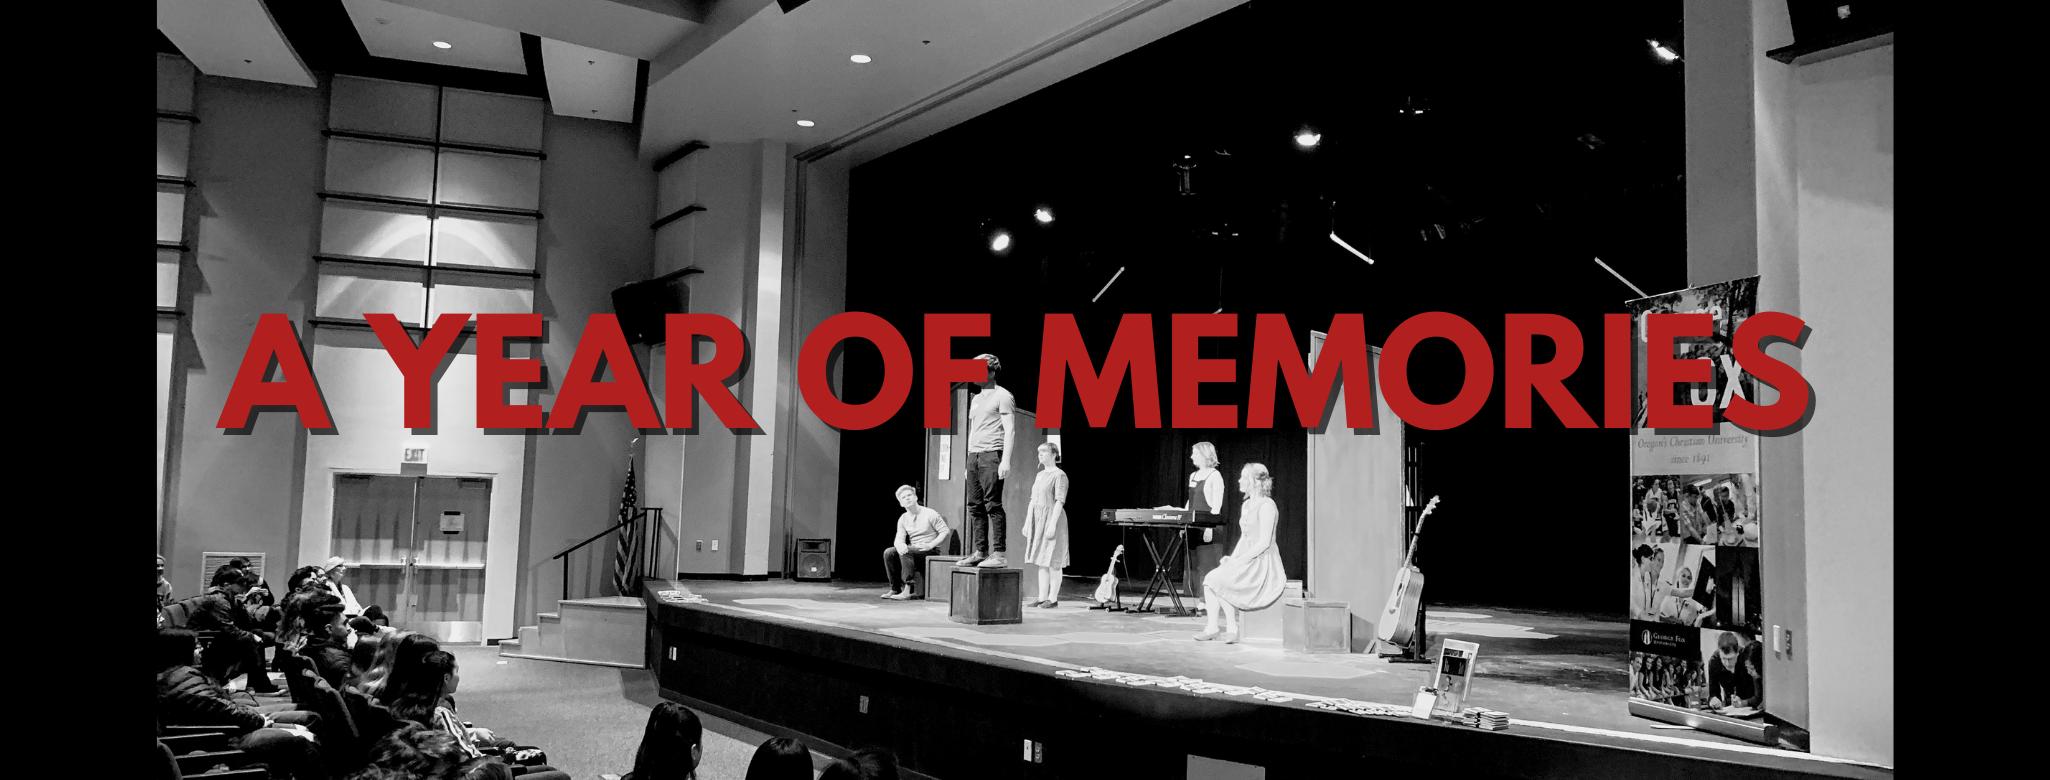 Year of Memories